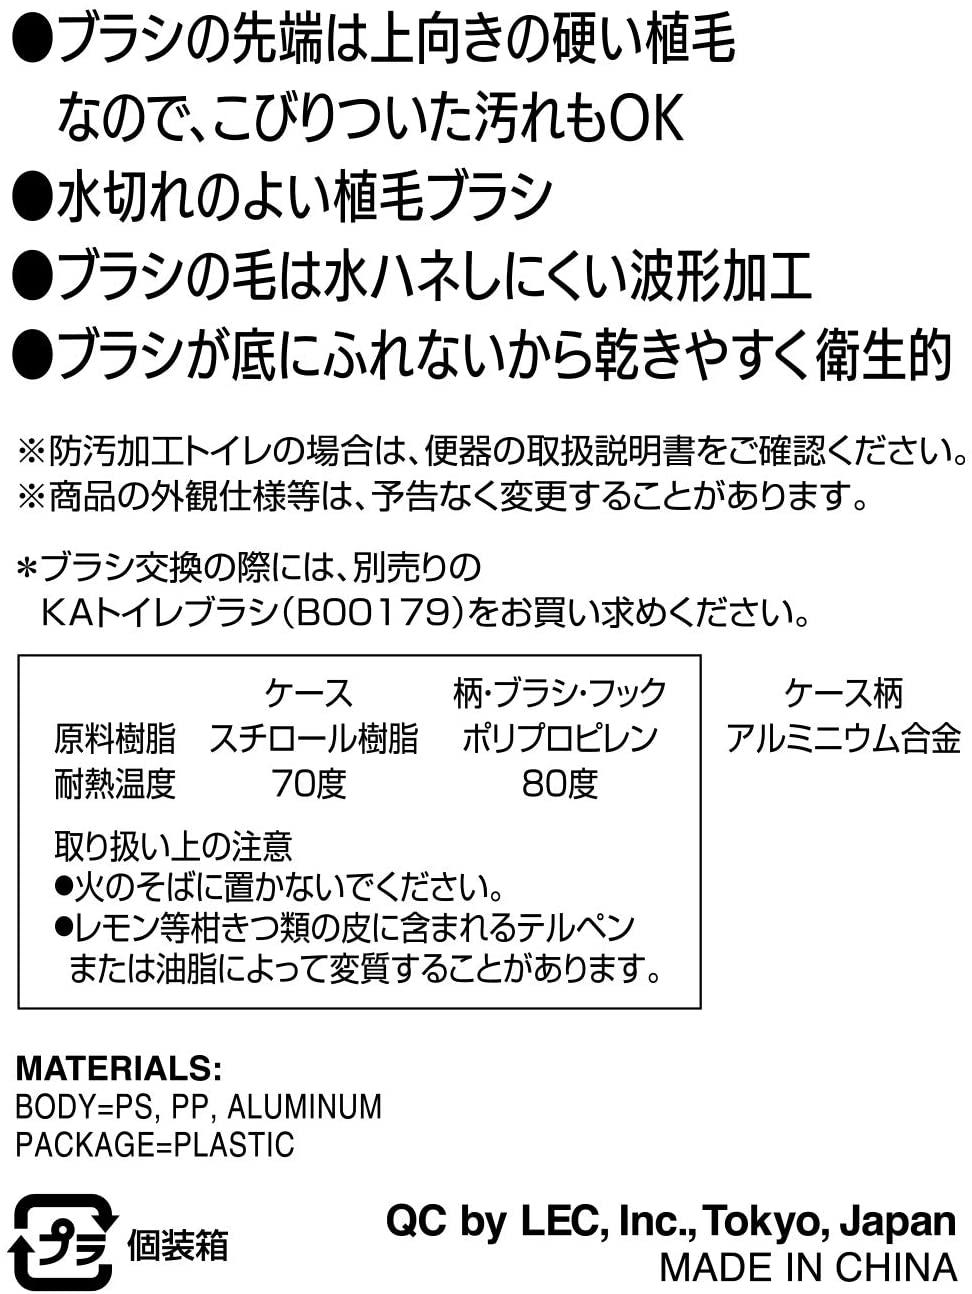 LEC(レック) KAKU トイレブラシ ケース付きの商品画像8